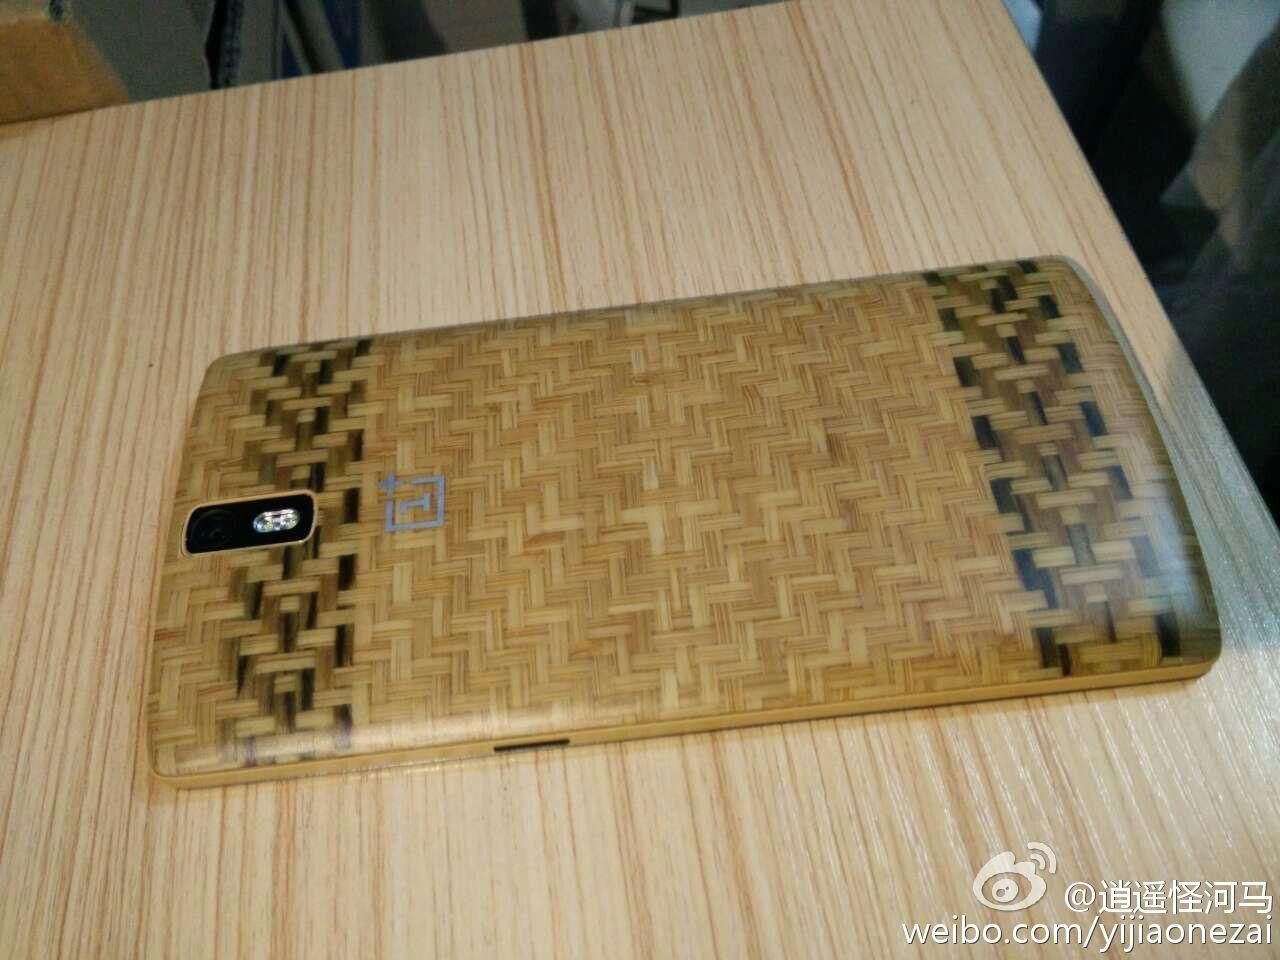 Style Swap Cover in legno lavorato per OnePlus One - 5